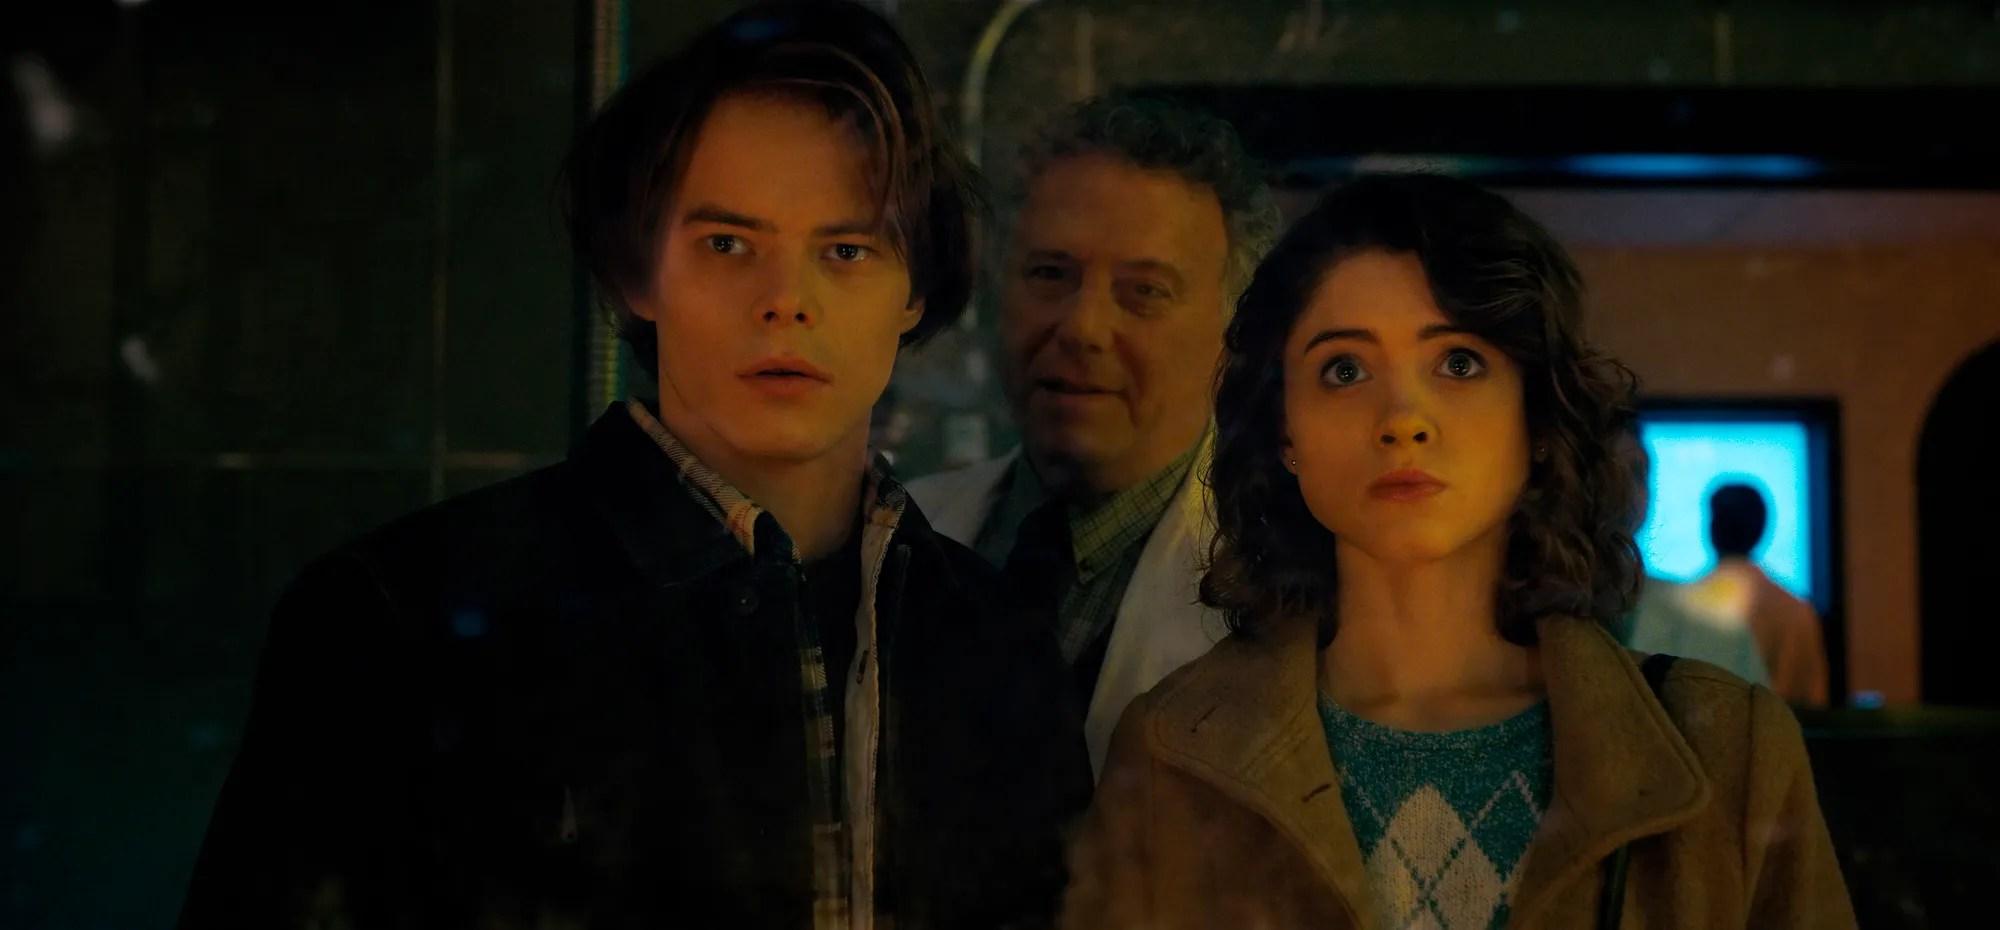 """Résultat de recherche d'images pour """"stranger things natalia dyer season 2"""""""